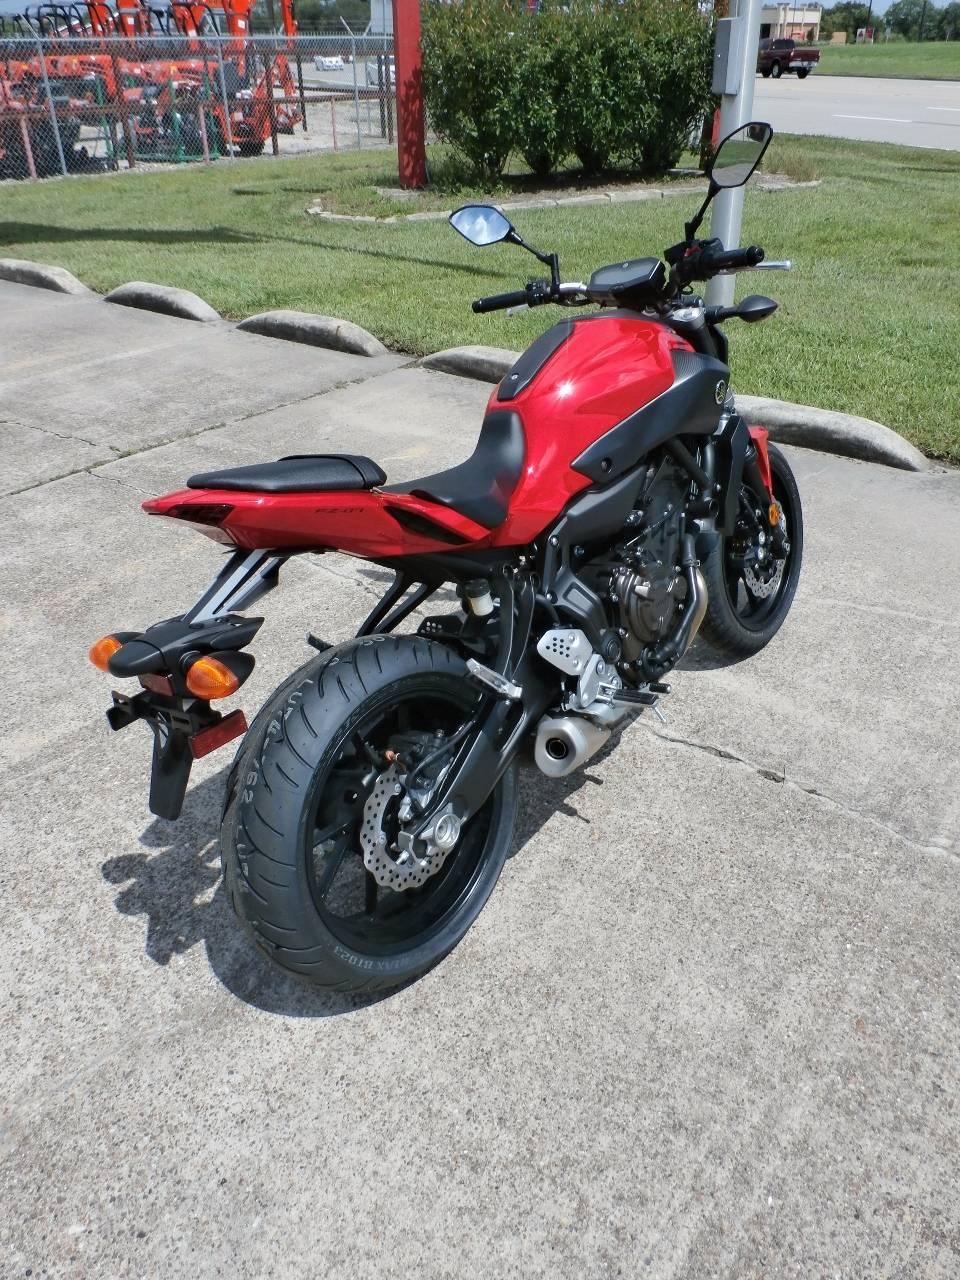 2017 Yamaha FZ-07 3